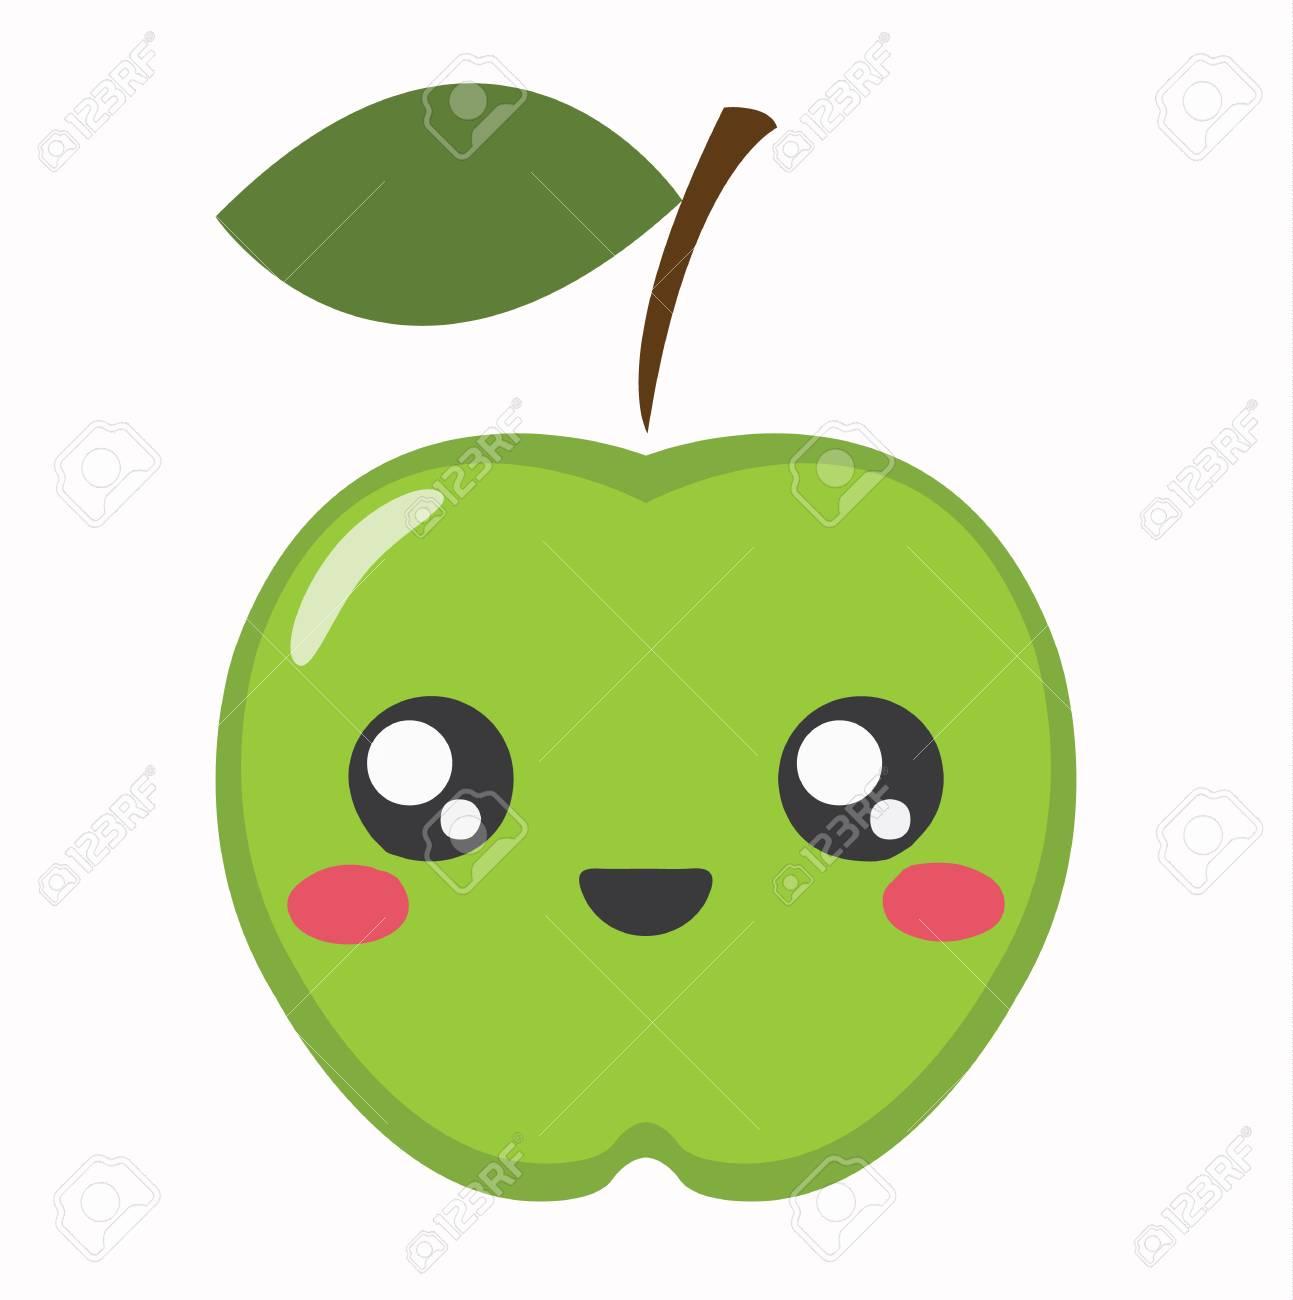 Manzana Kawaii Icono De Dibujos Animados Lindo Carácter De Apple